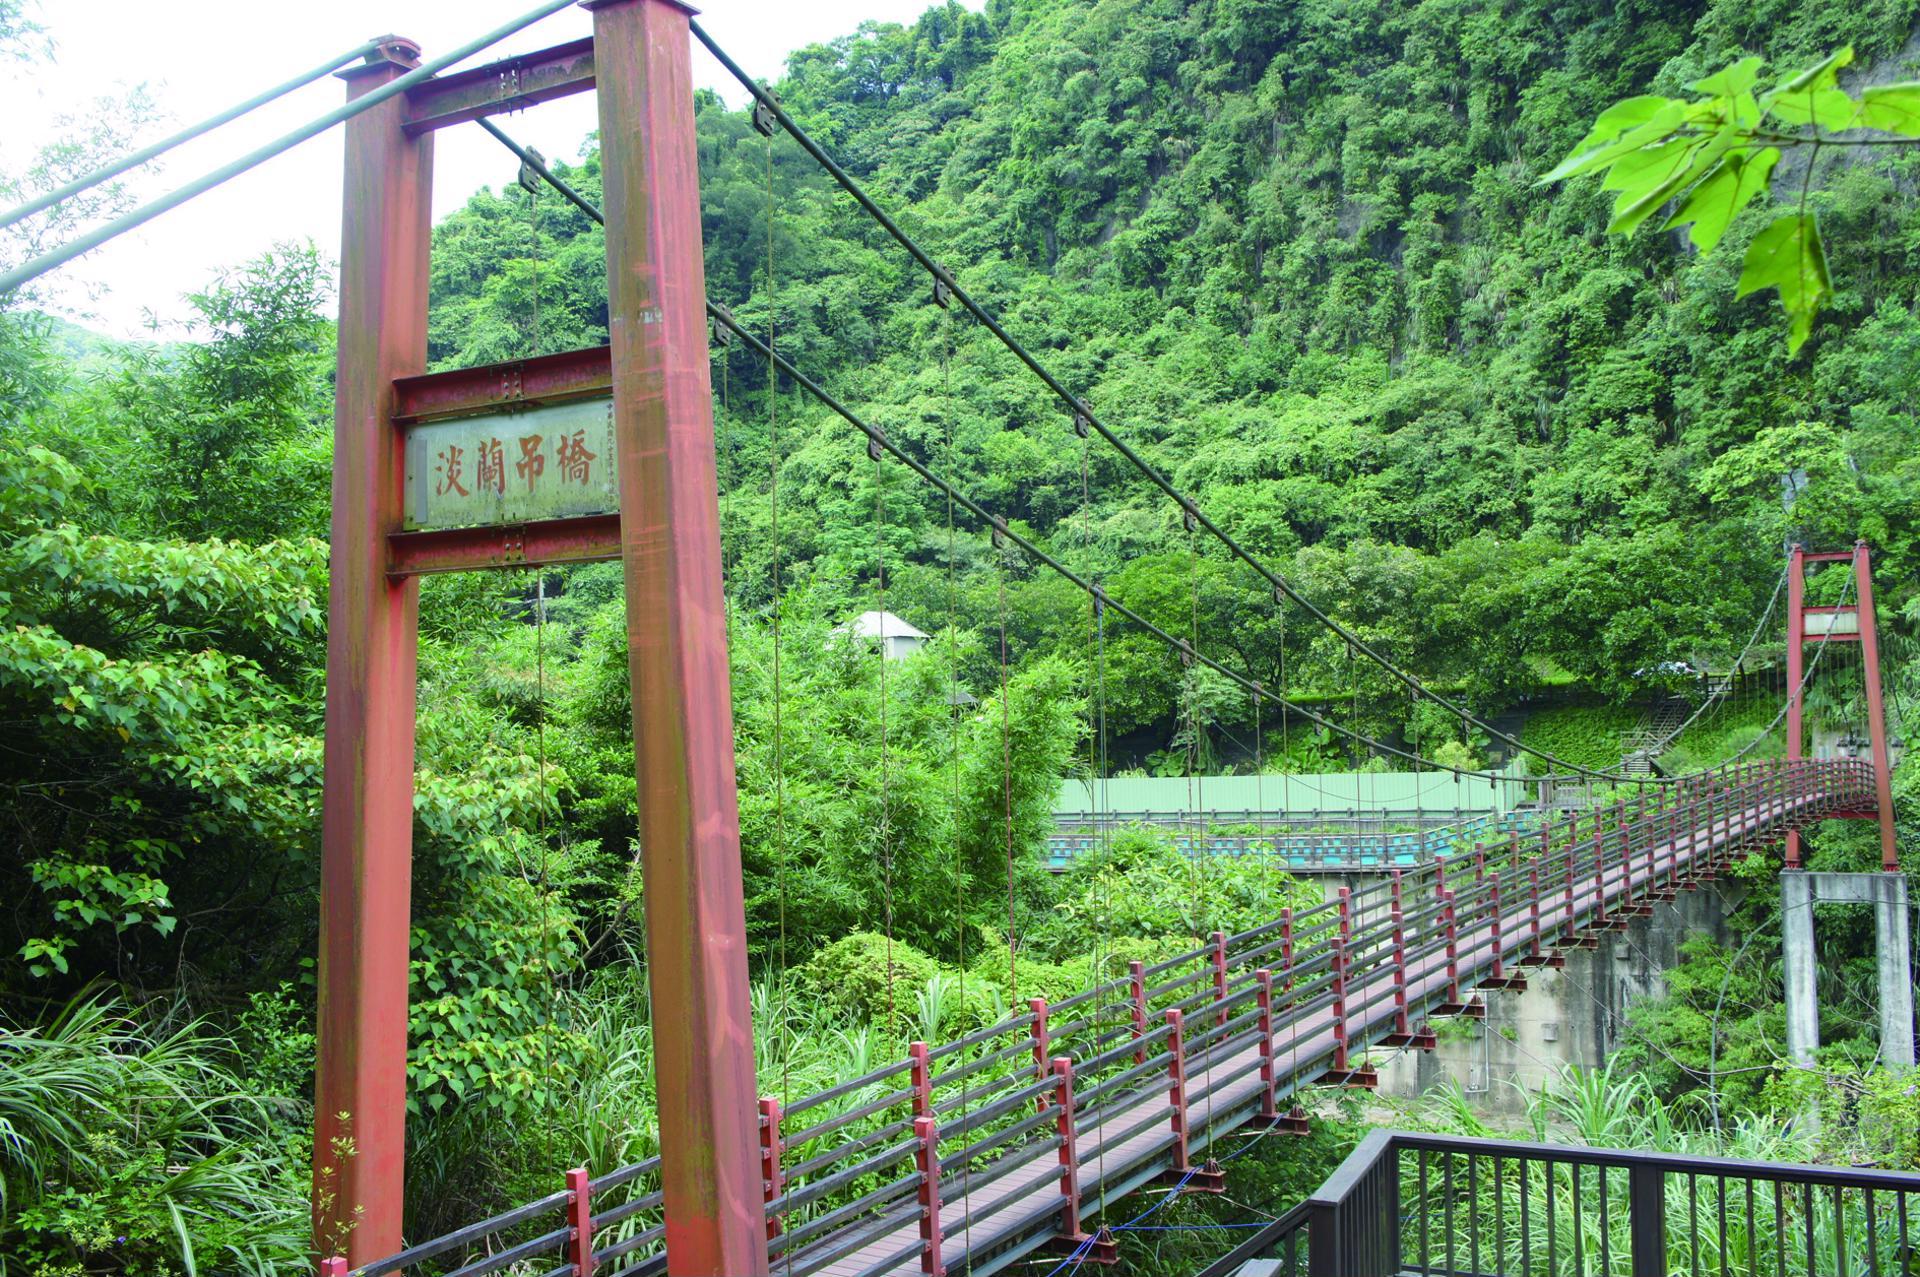 淡蘭古道紅色橋身佇立於清幽蓊鬱的山林間,十分顯眼。圖/新北市觀光旅遊網